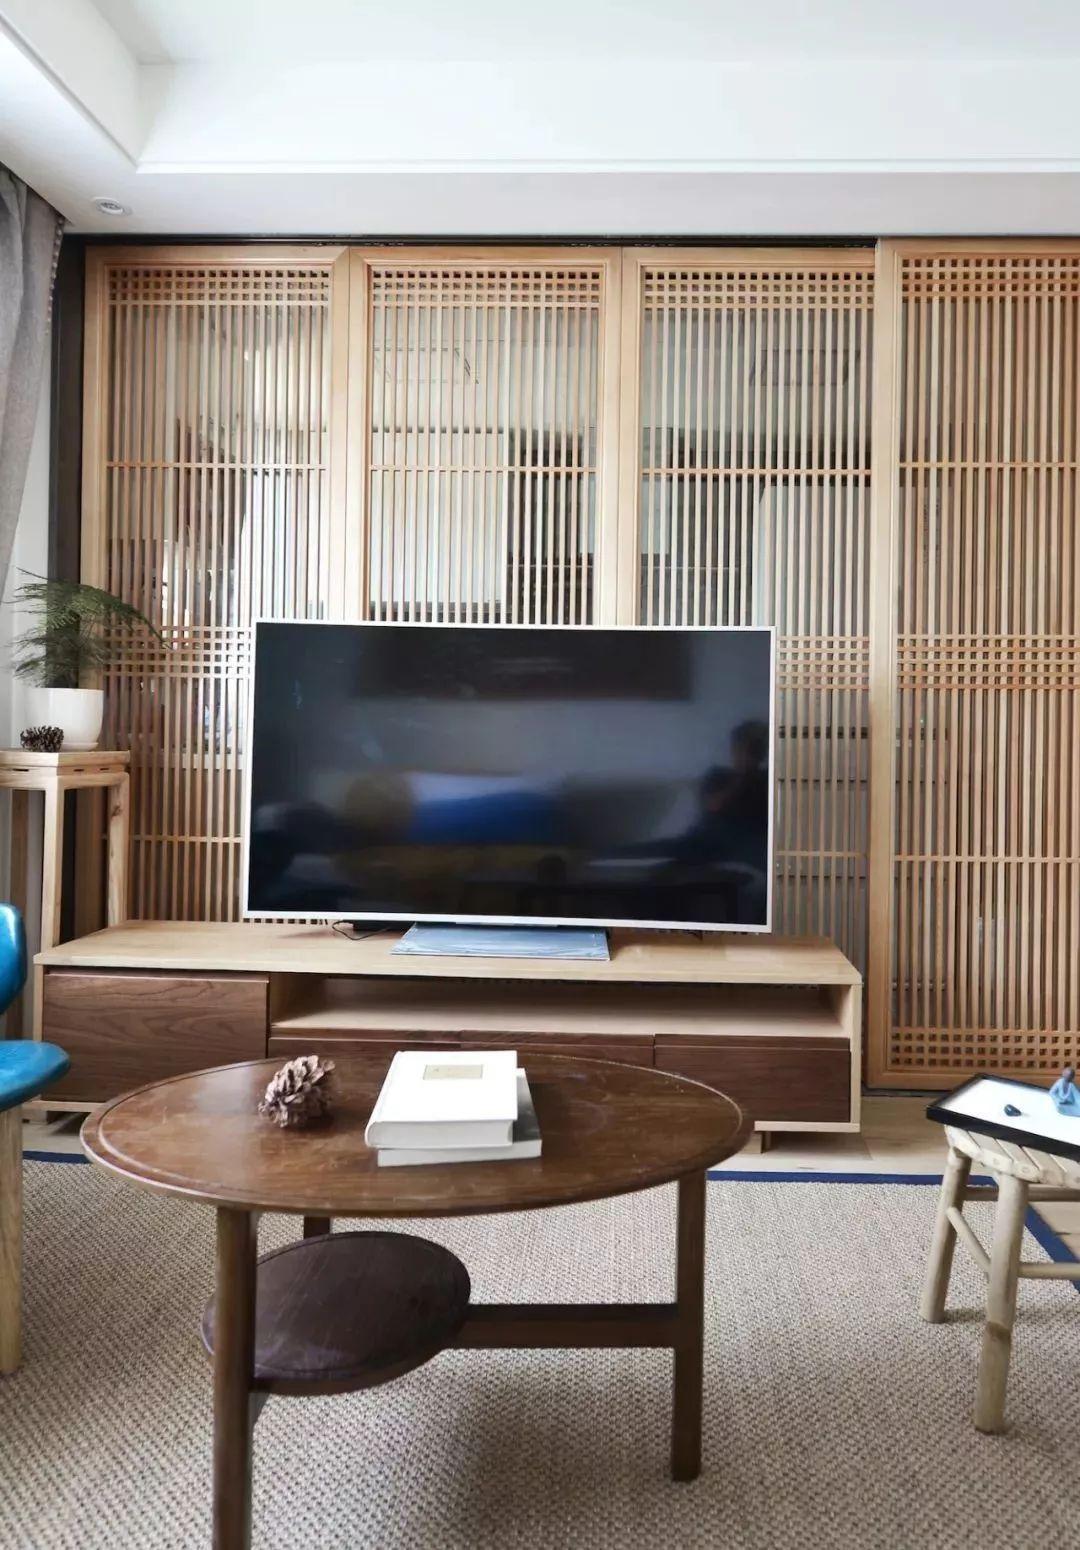 采用木质栏栅结合玻璃的移门作电视背景墙,充满韵味